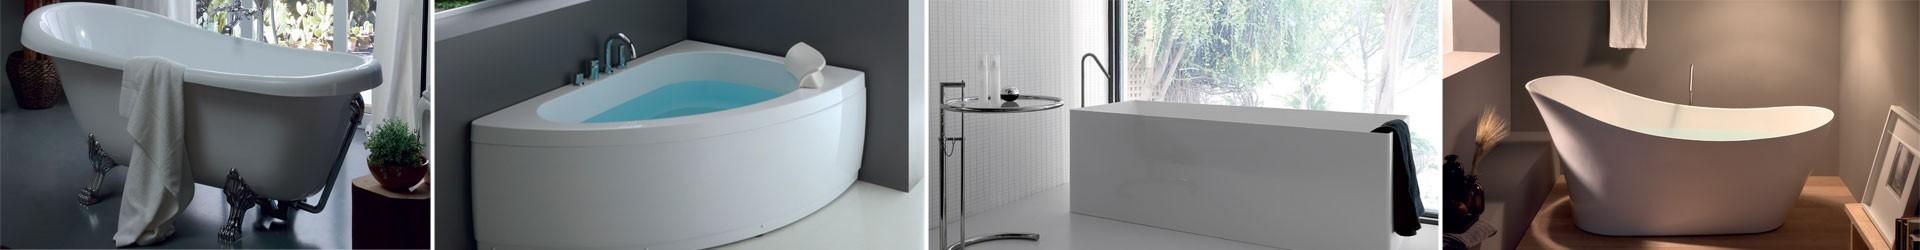 Vasche da bagno vendita e offerta moderno e classico, casa e Spa relax